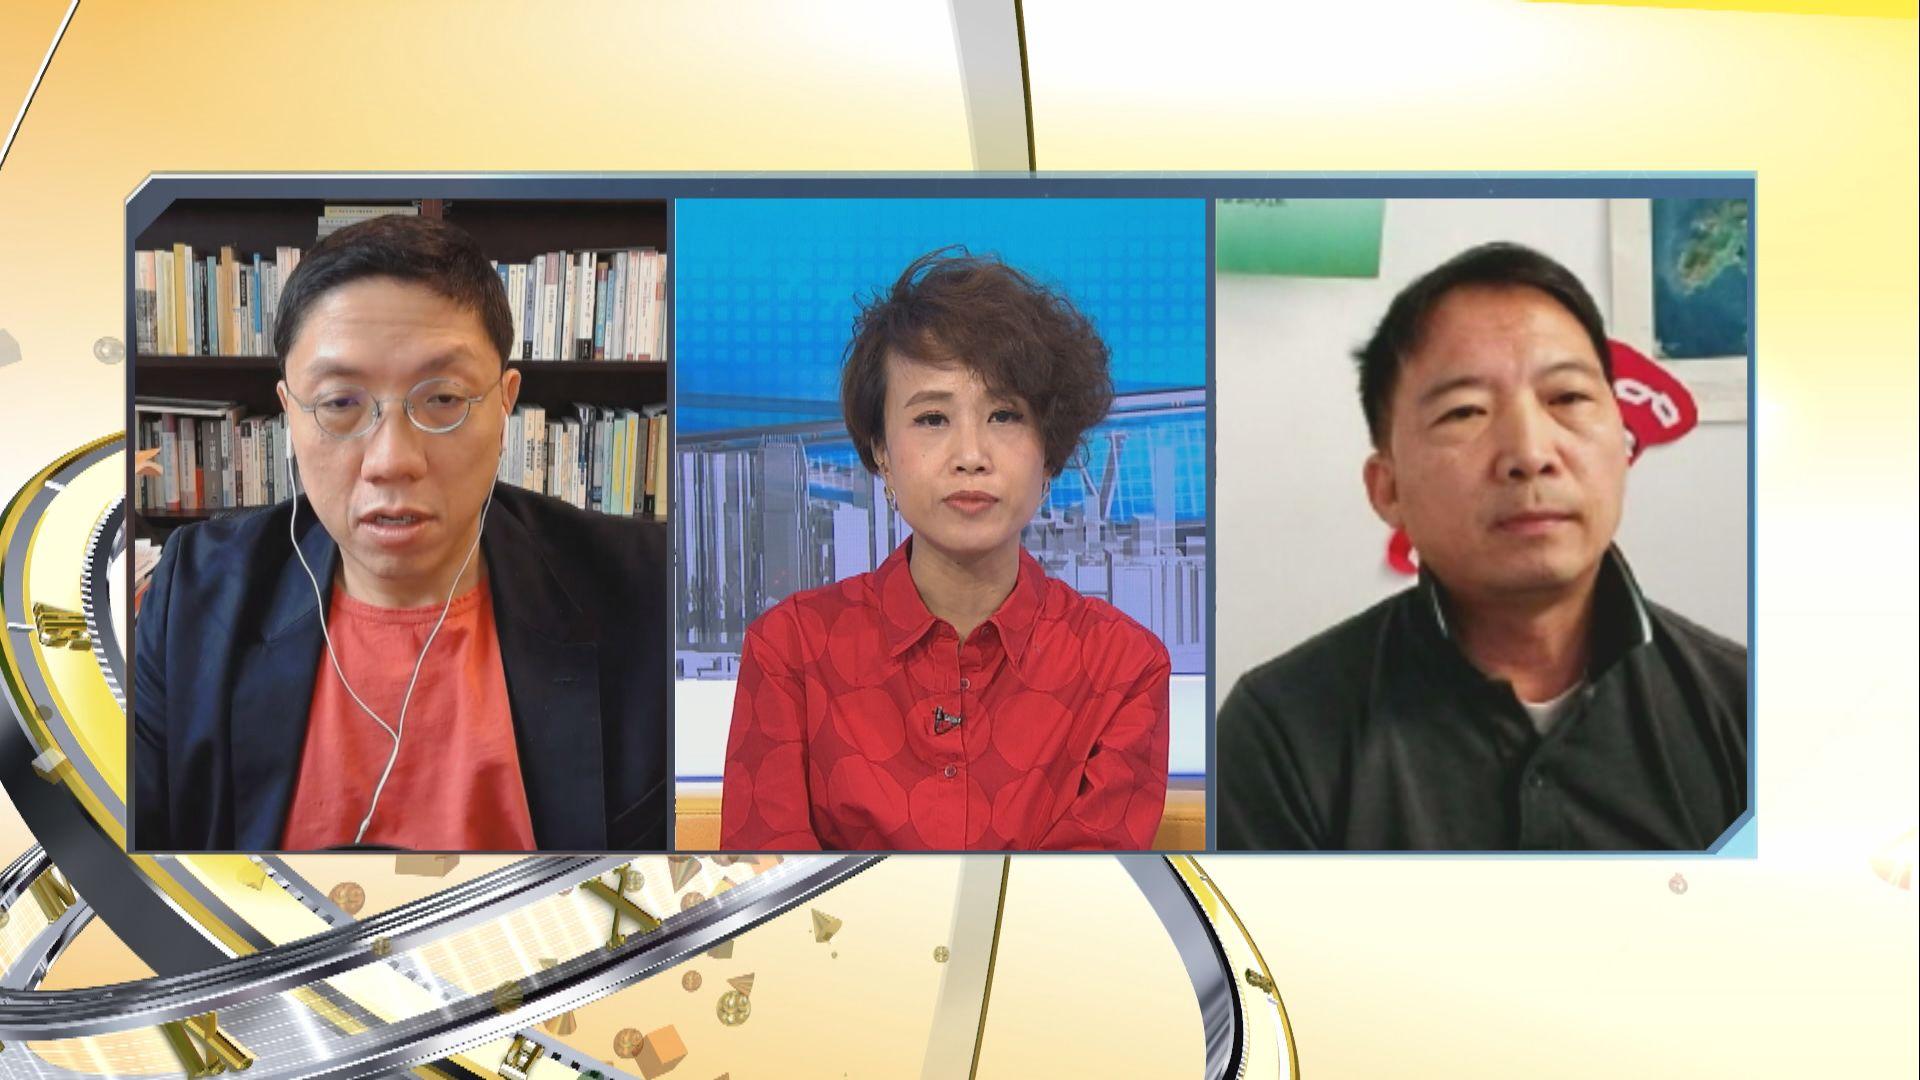 【時事全方位】撤換問責官員能否有效改善施政?(一)